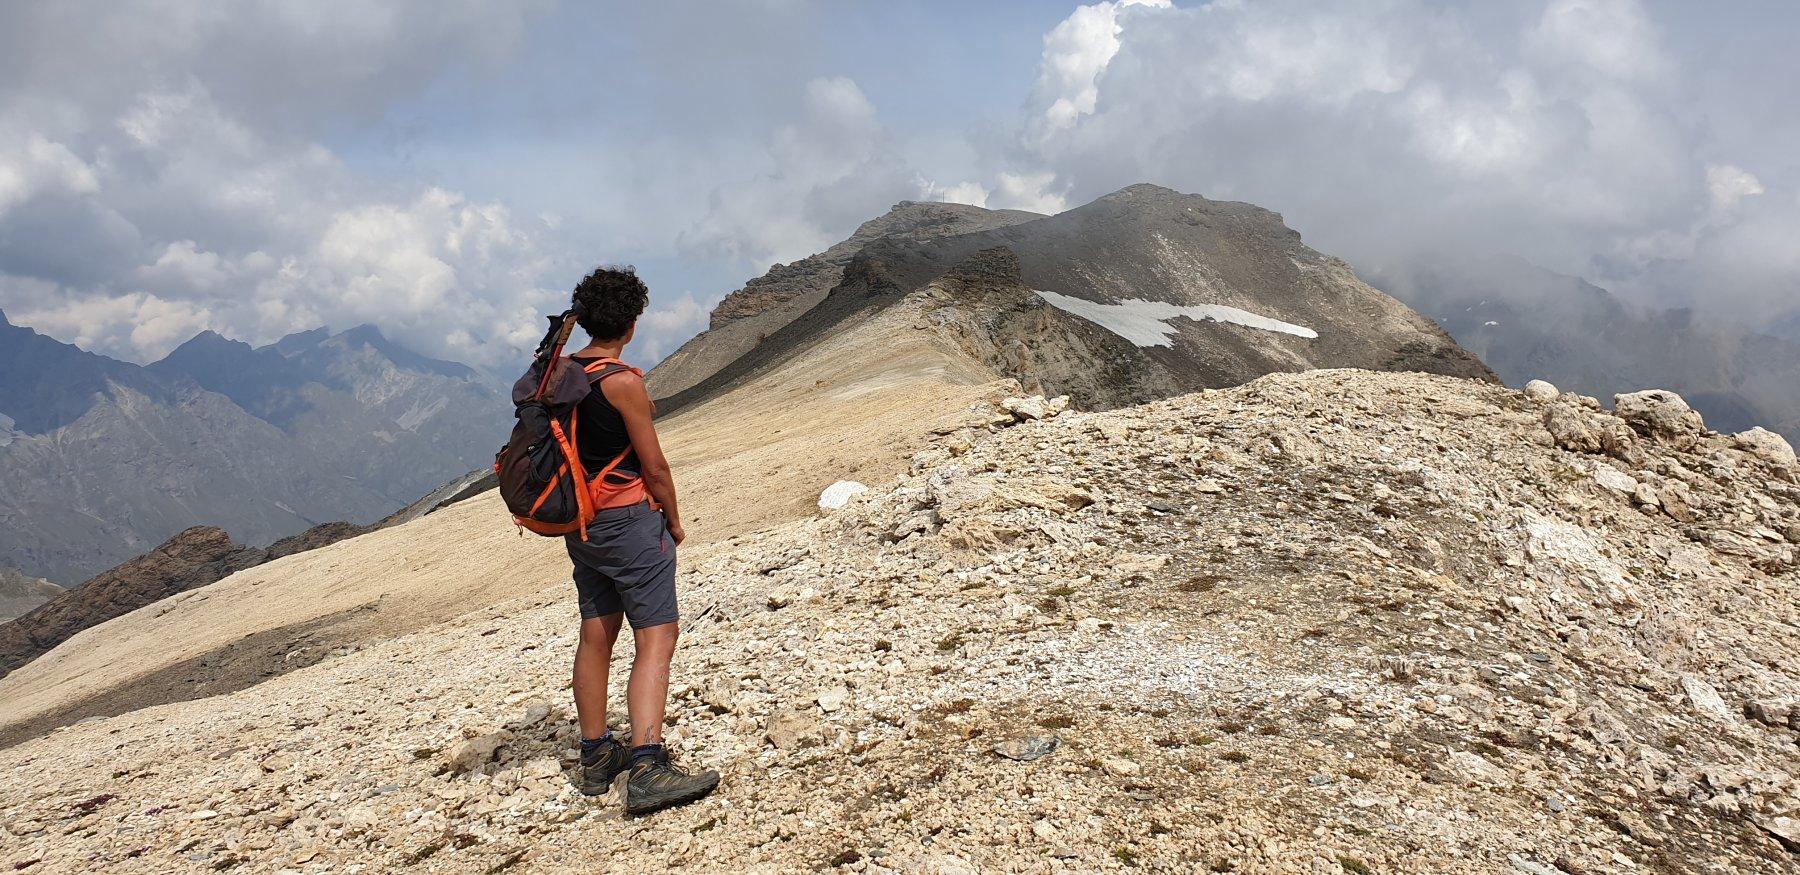 Gran Vaudalaz (Punte Sud e Nord) dai Piani del Nivolet, anello Col Nivoletta - Col Rosset 2019-08-27